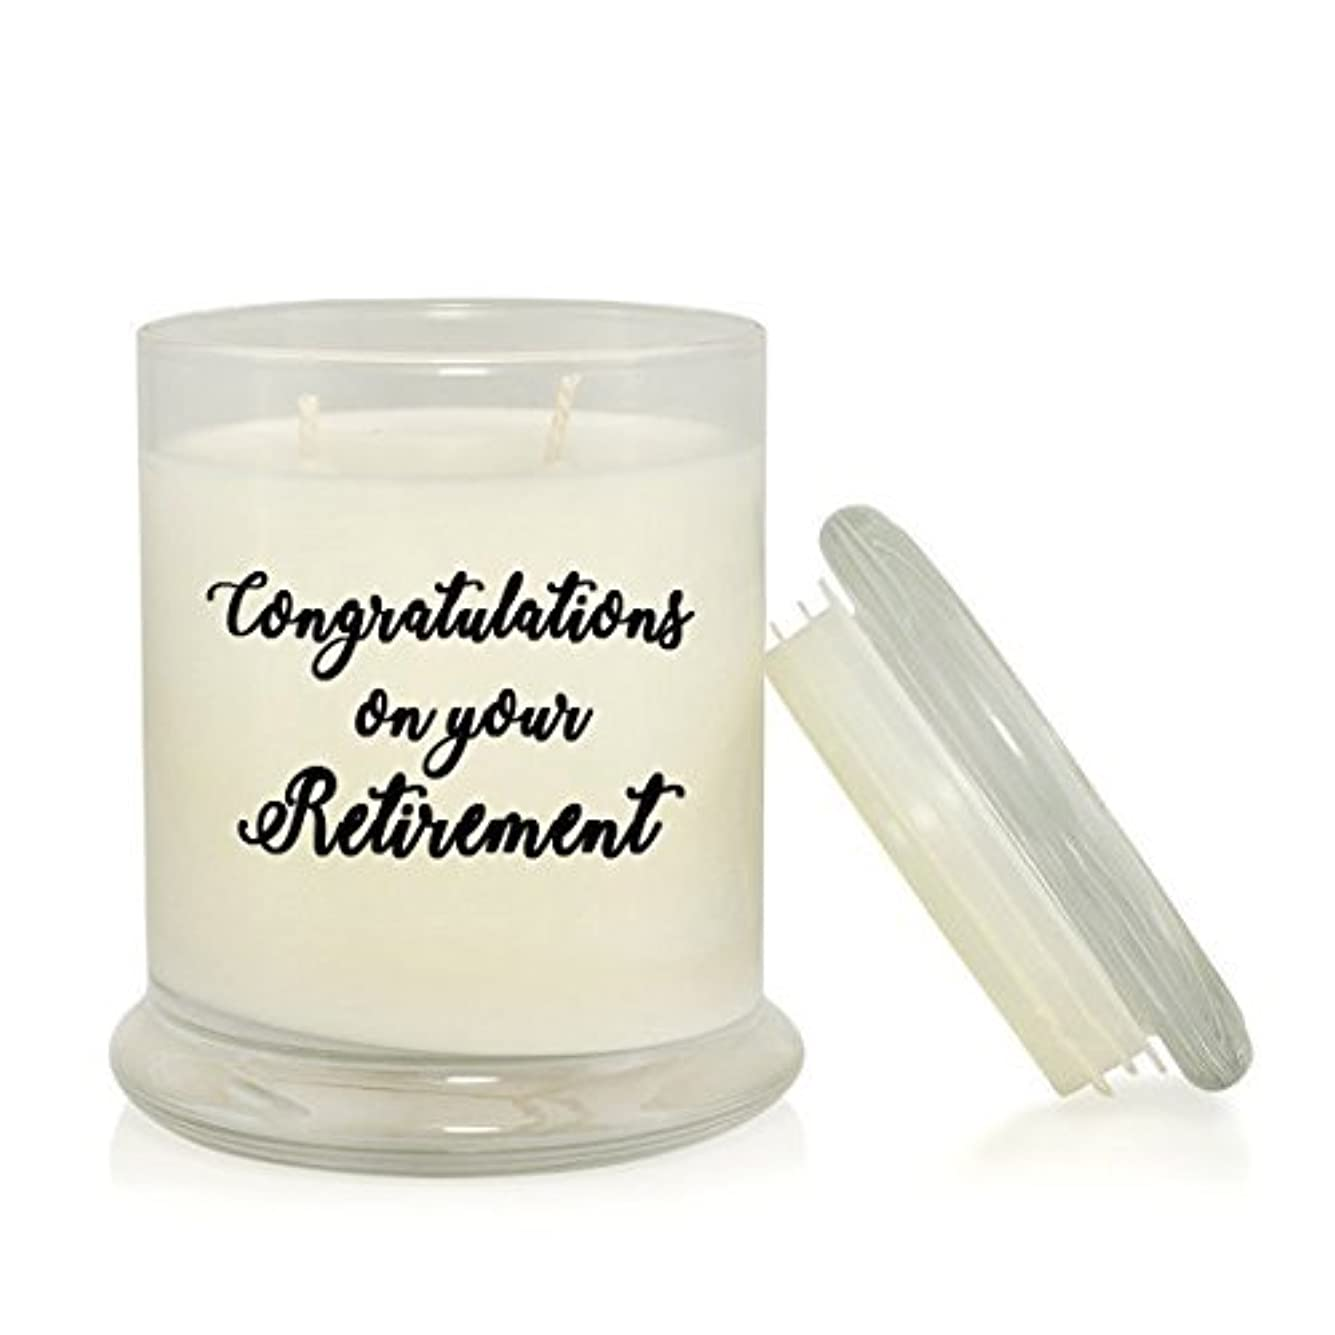 干し草血統弁護士Congratulations on Your Retirement 8.5 oz Soy Candle - Retirement Gift - Very Vanilla Scented [並行輸入品]